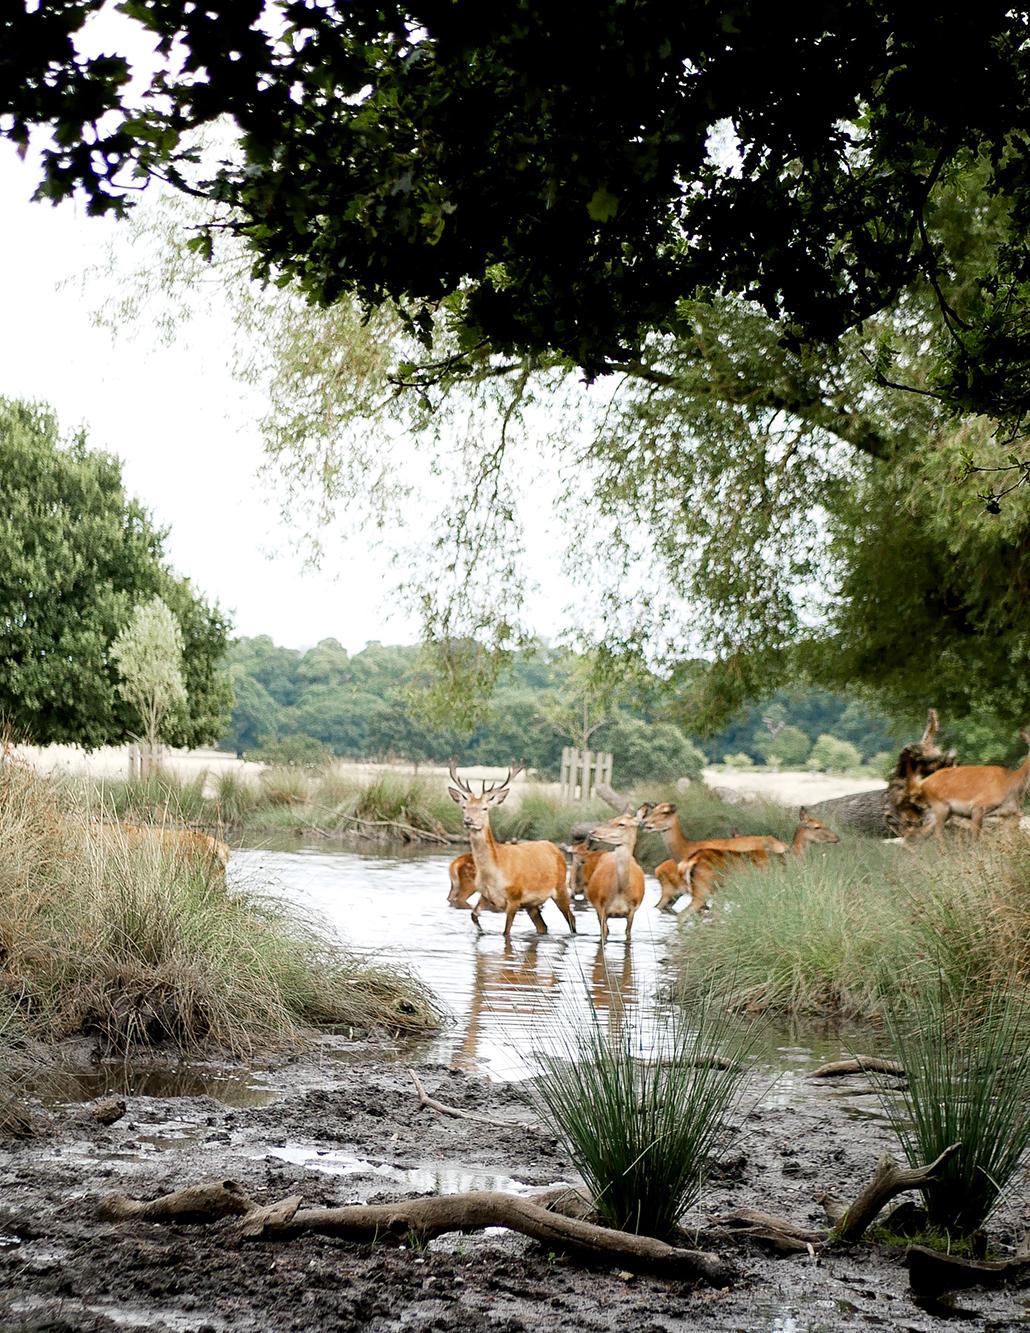 Londres London voyage trip expat conseil astuce nature richmond park